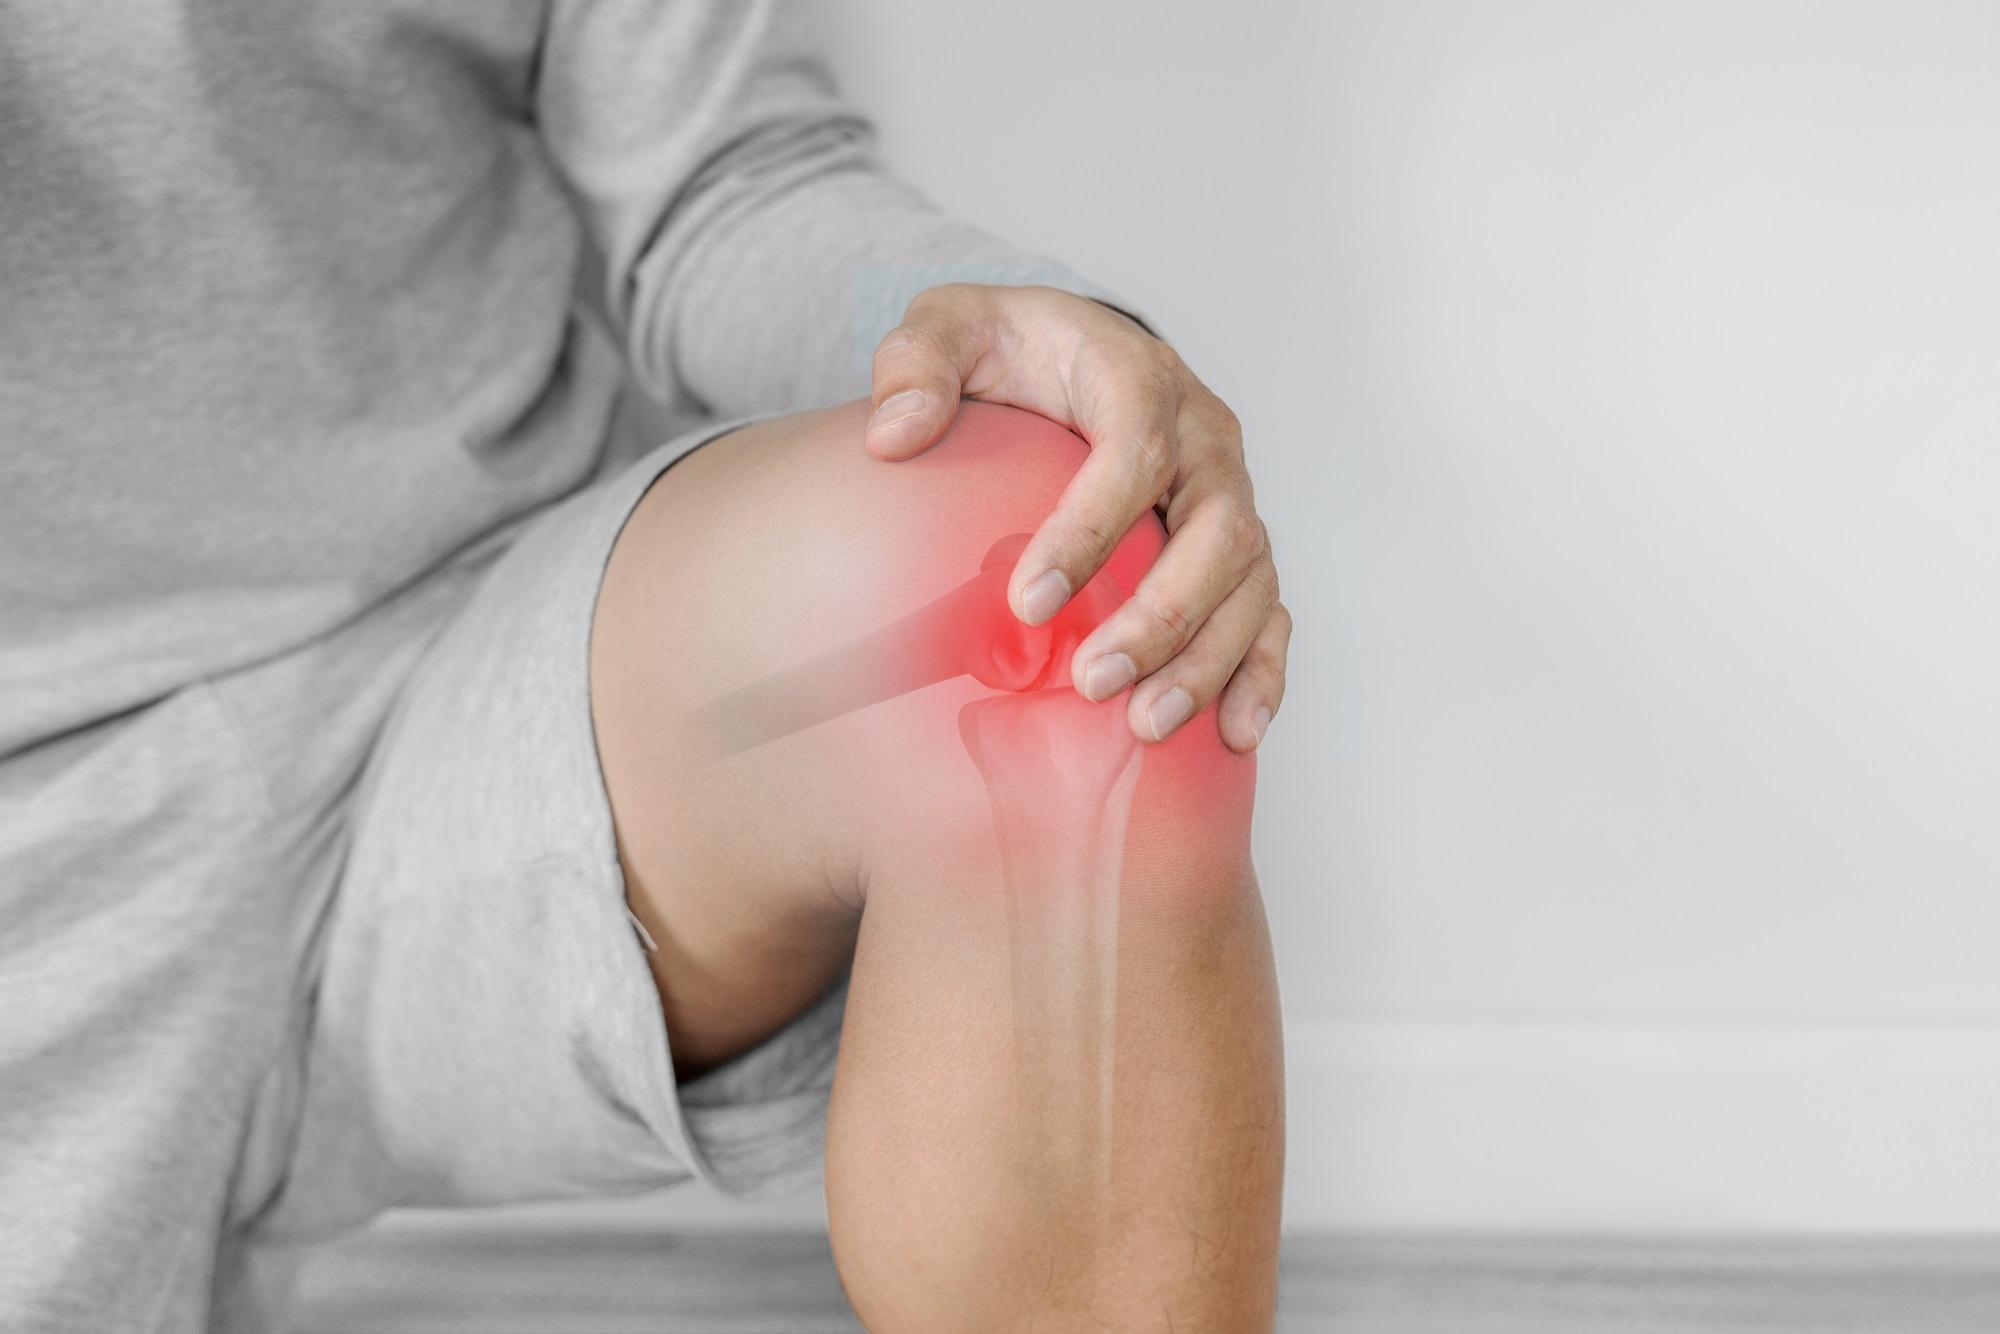 kai šlaunies sąnarių skauda sąnarių skausmas atsiliepimai